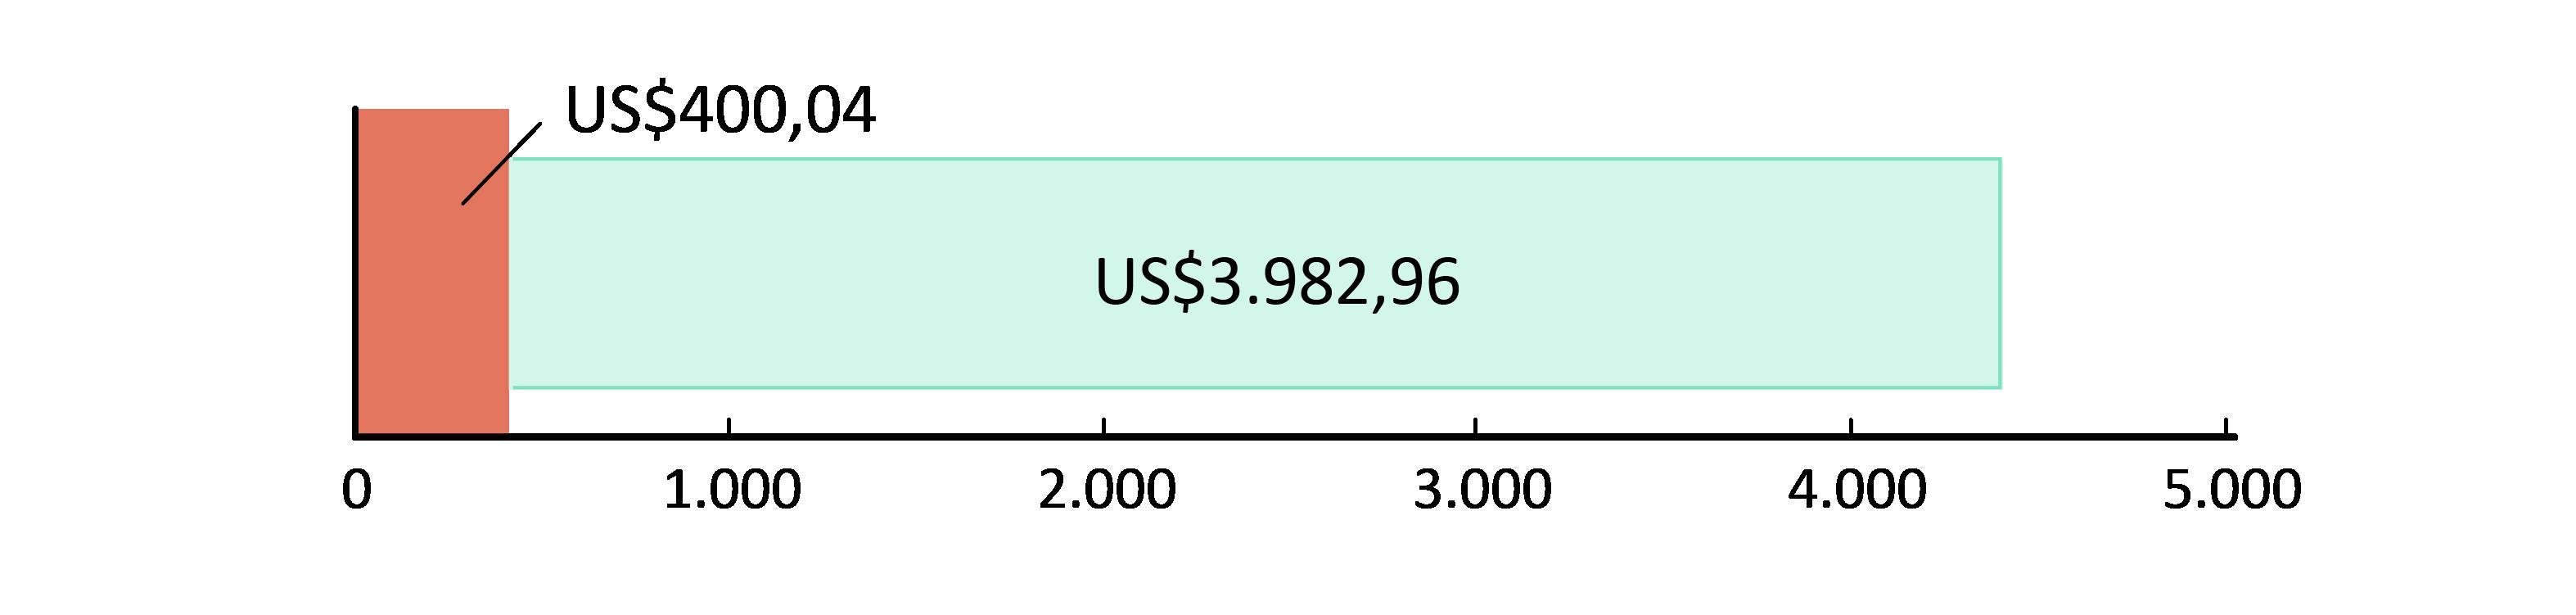 US$400,04 gastos; US$3.982,96 em caixa